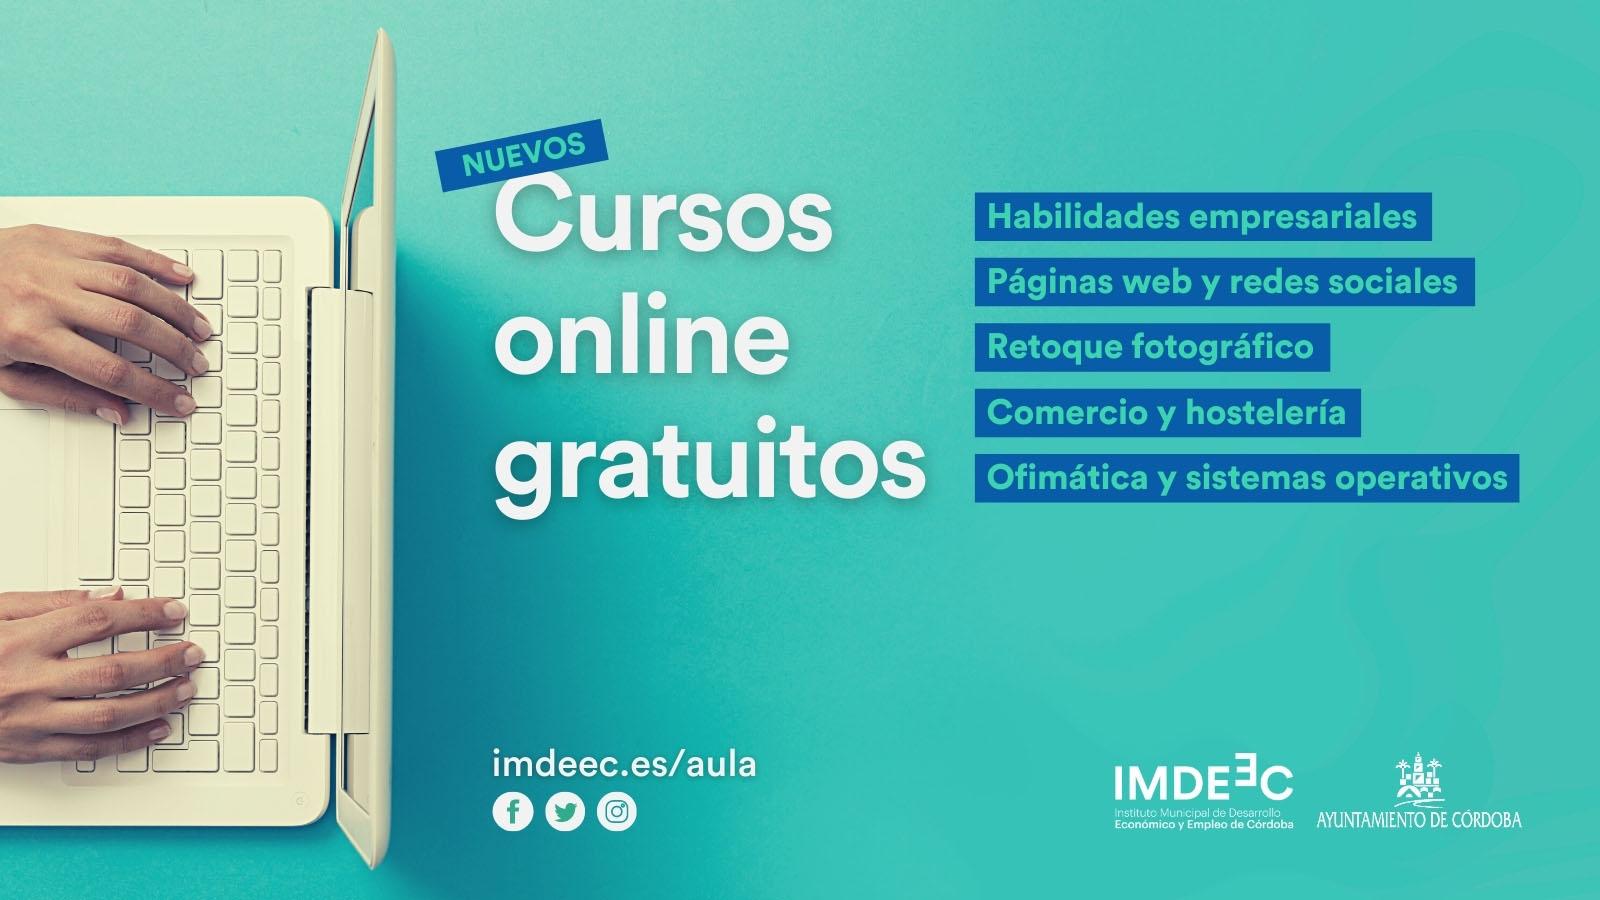 El IMDEEC amplía su oferta formativa con cuarenta cursos online gratuitos sobre comercio o Internet